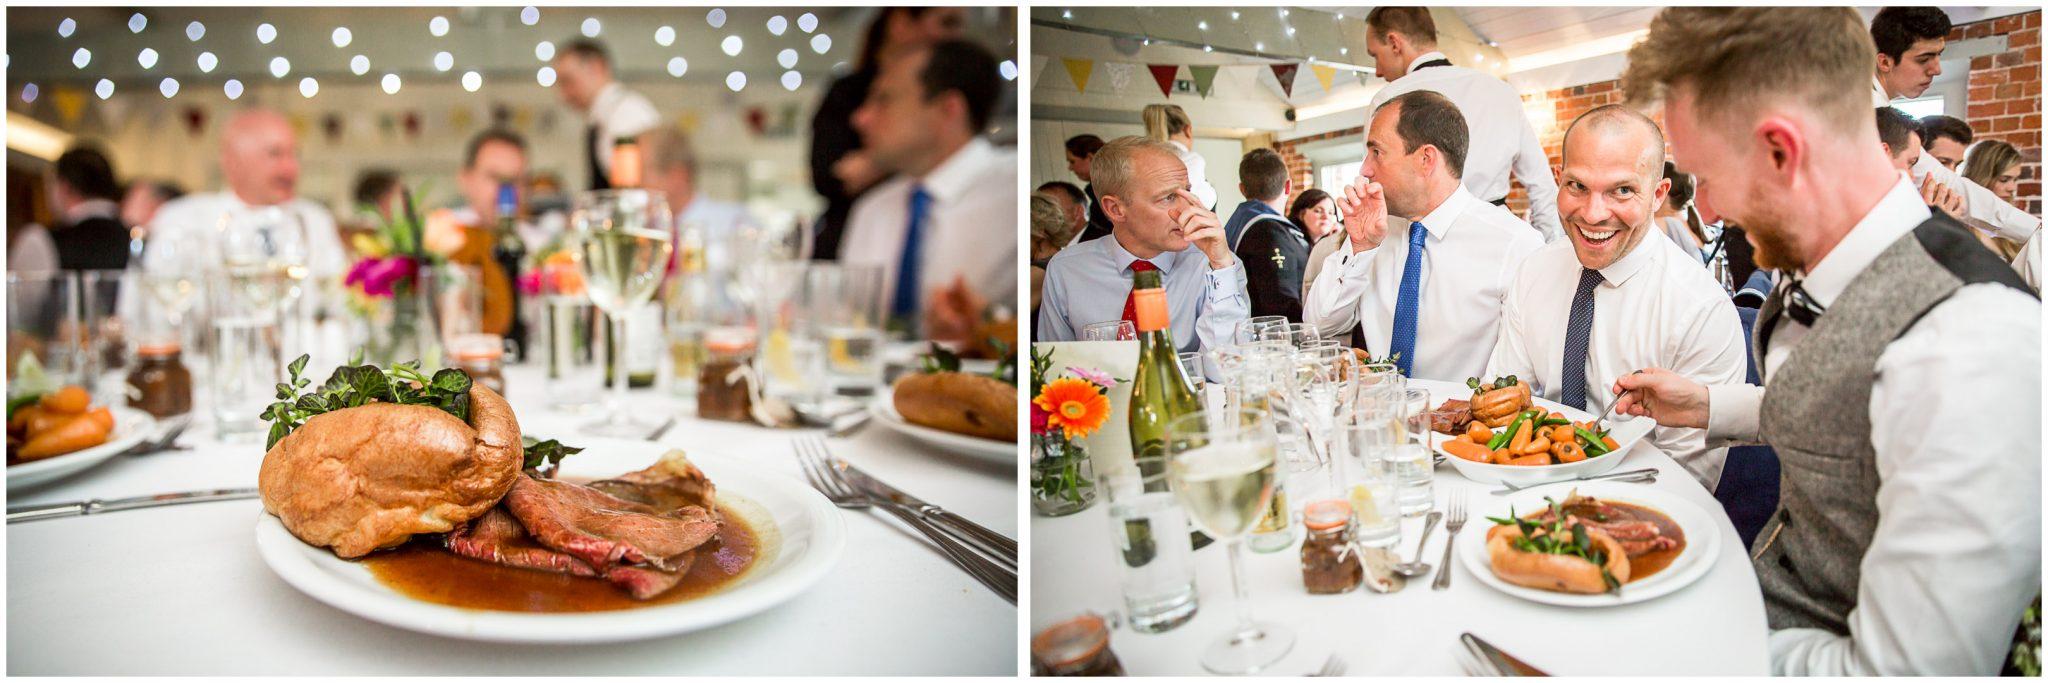 Sopley wedding photographer wedding breakfast